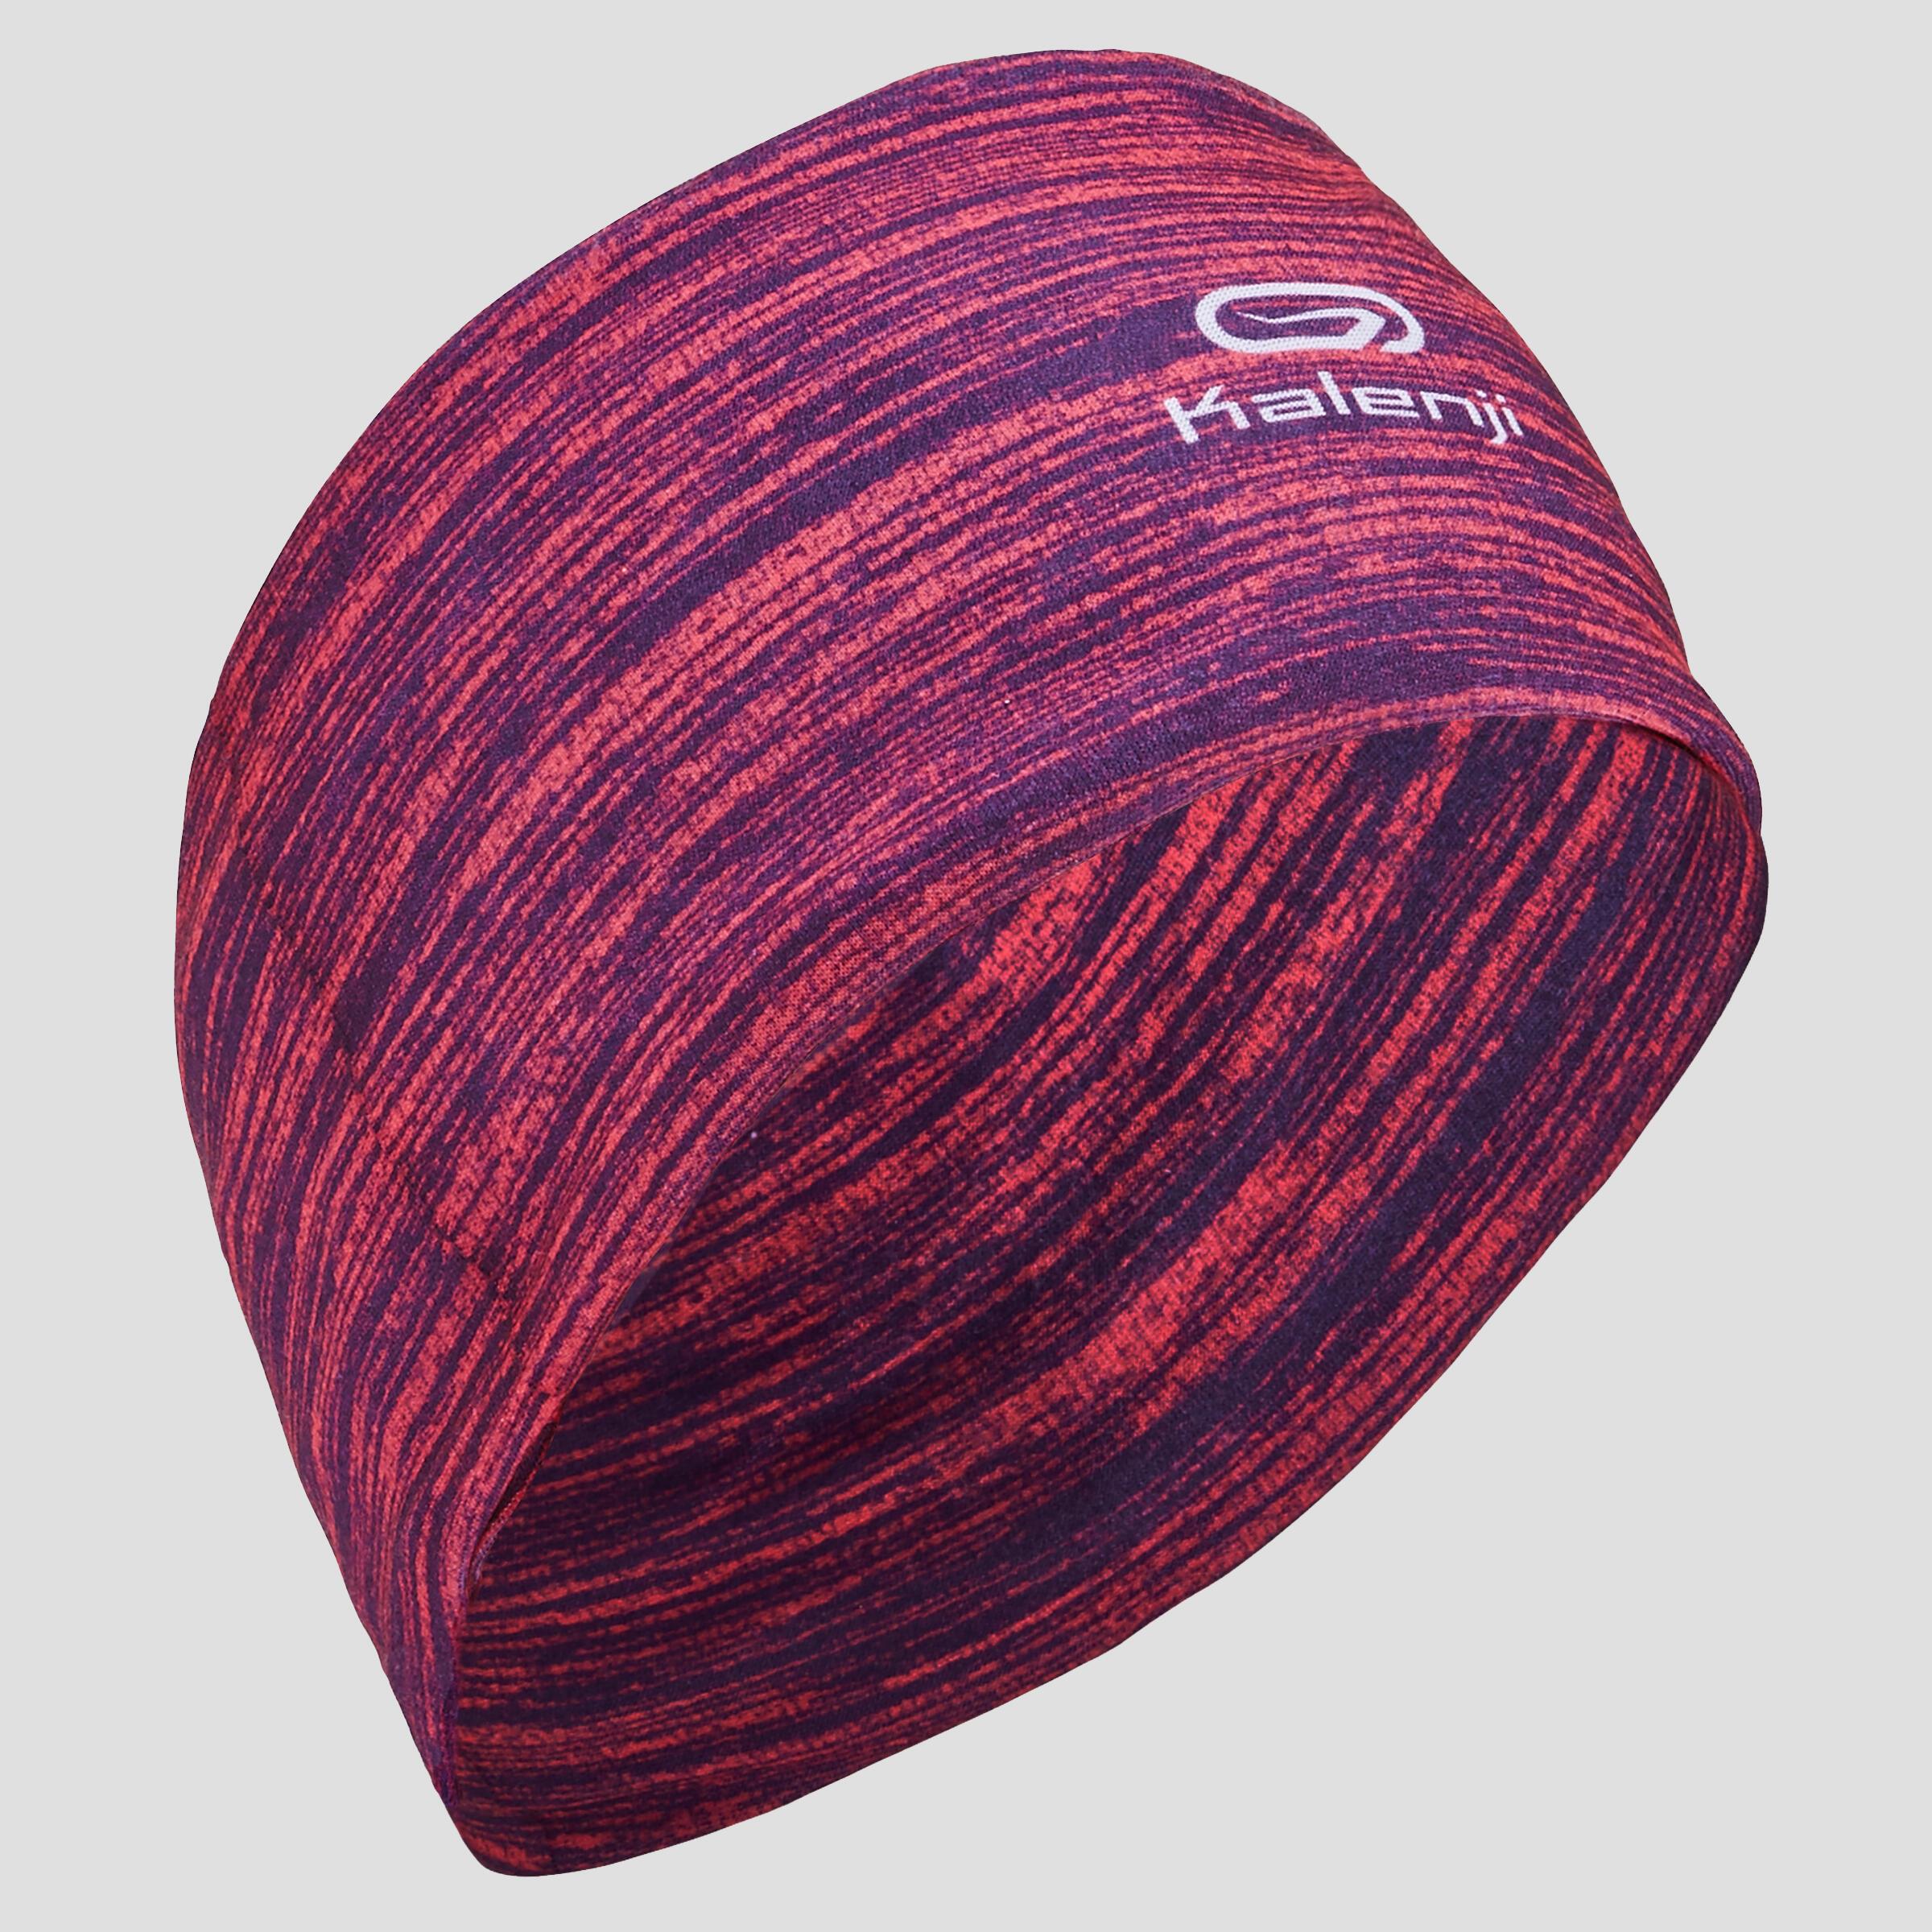 Multifunktionstuch Running rosameliert | Accessoires > Schals & Tücher > Tücher | Rot - Rosa - Violett | Kalenji